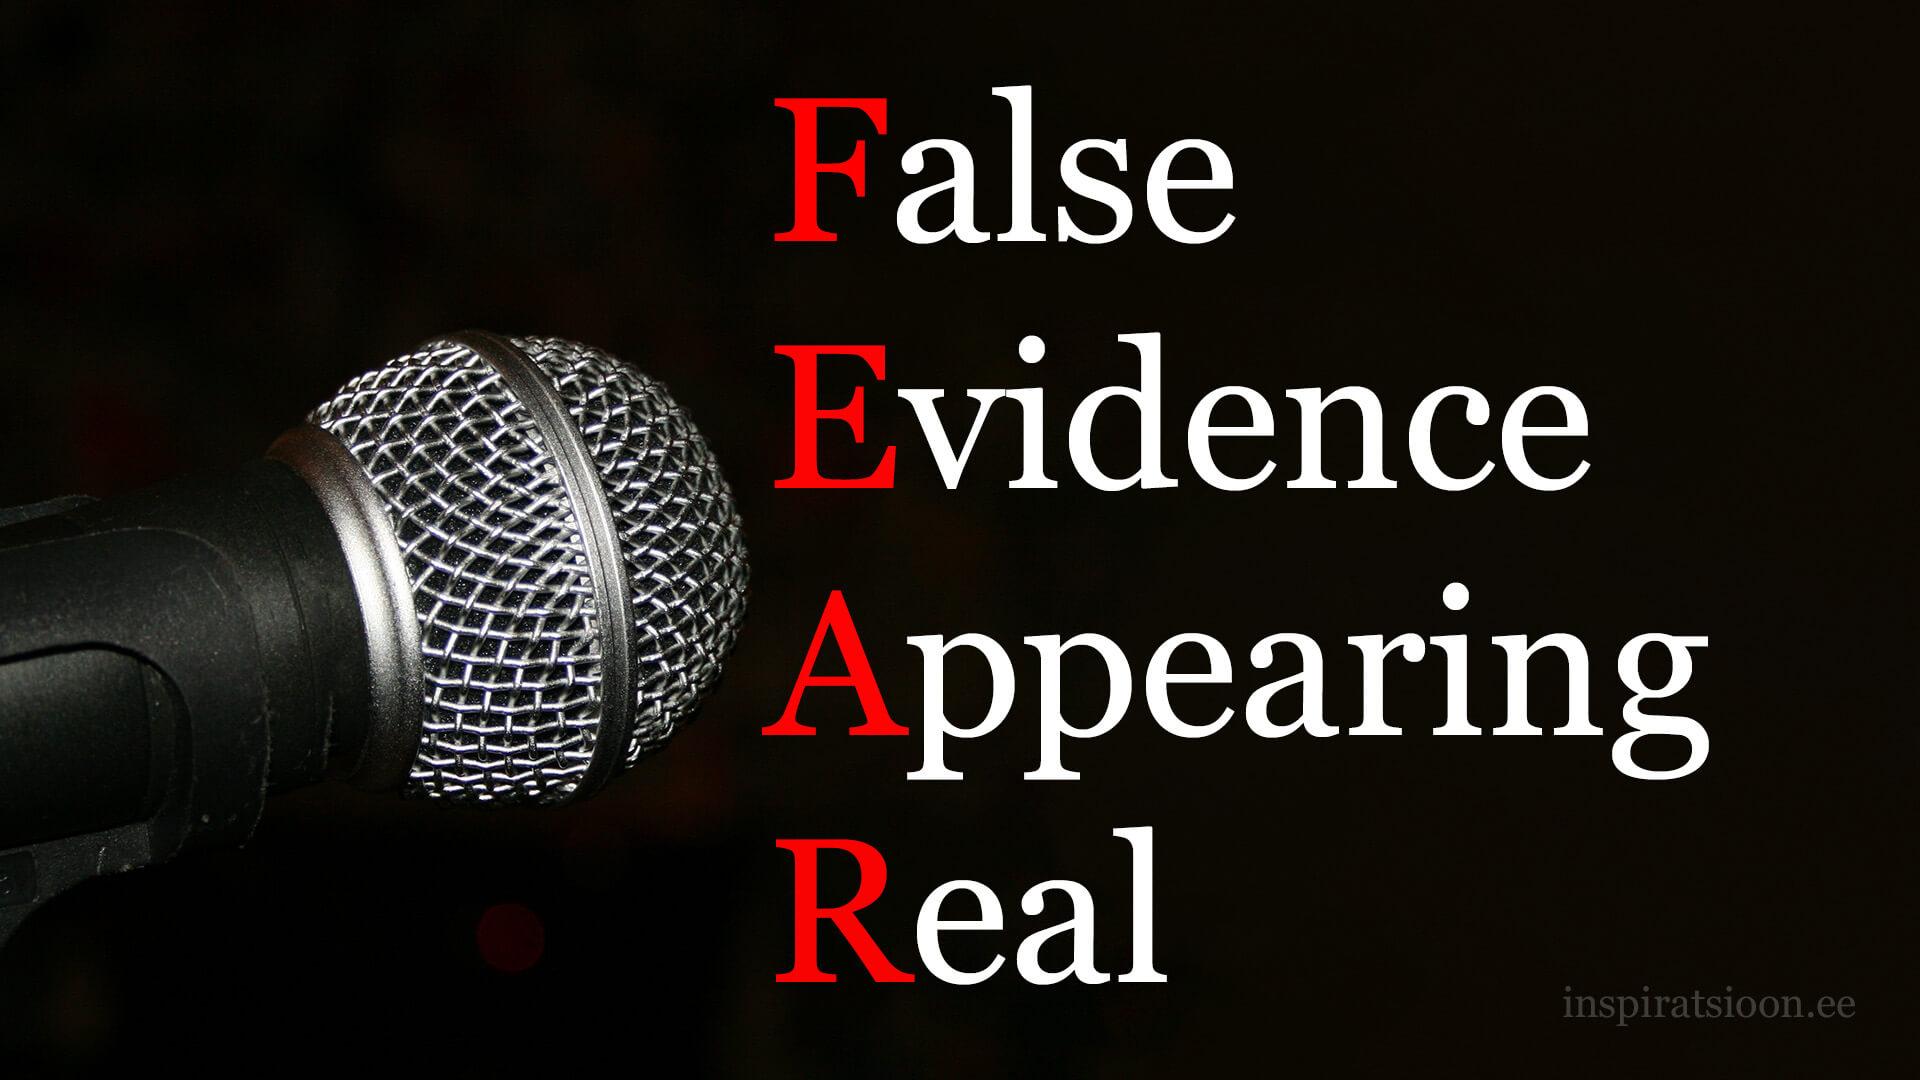 overcome-fear-of-public-speaking.jpg